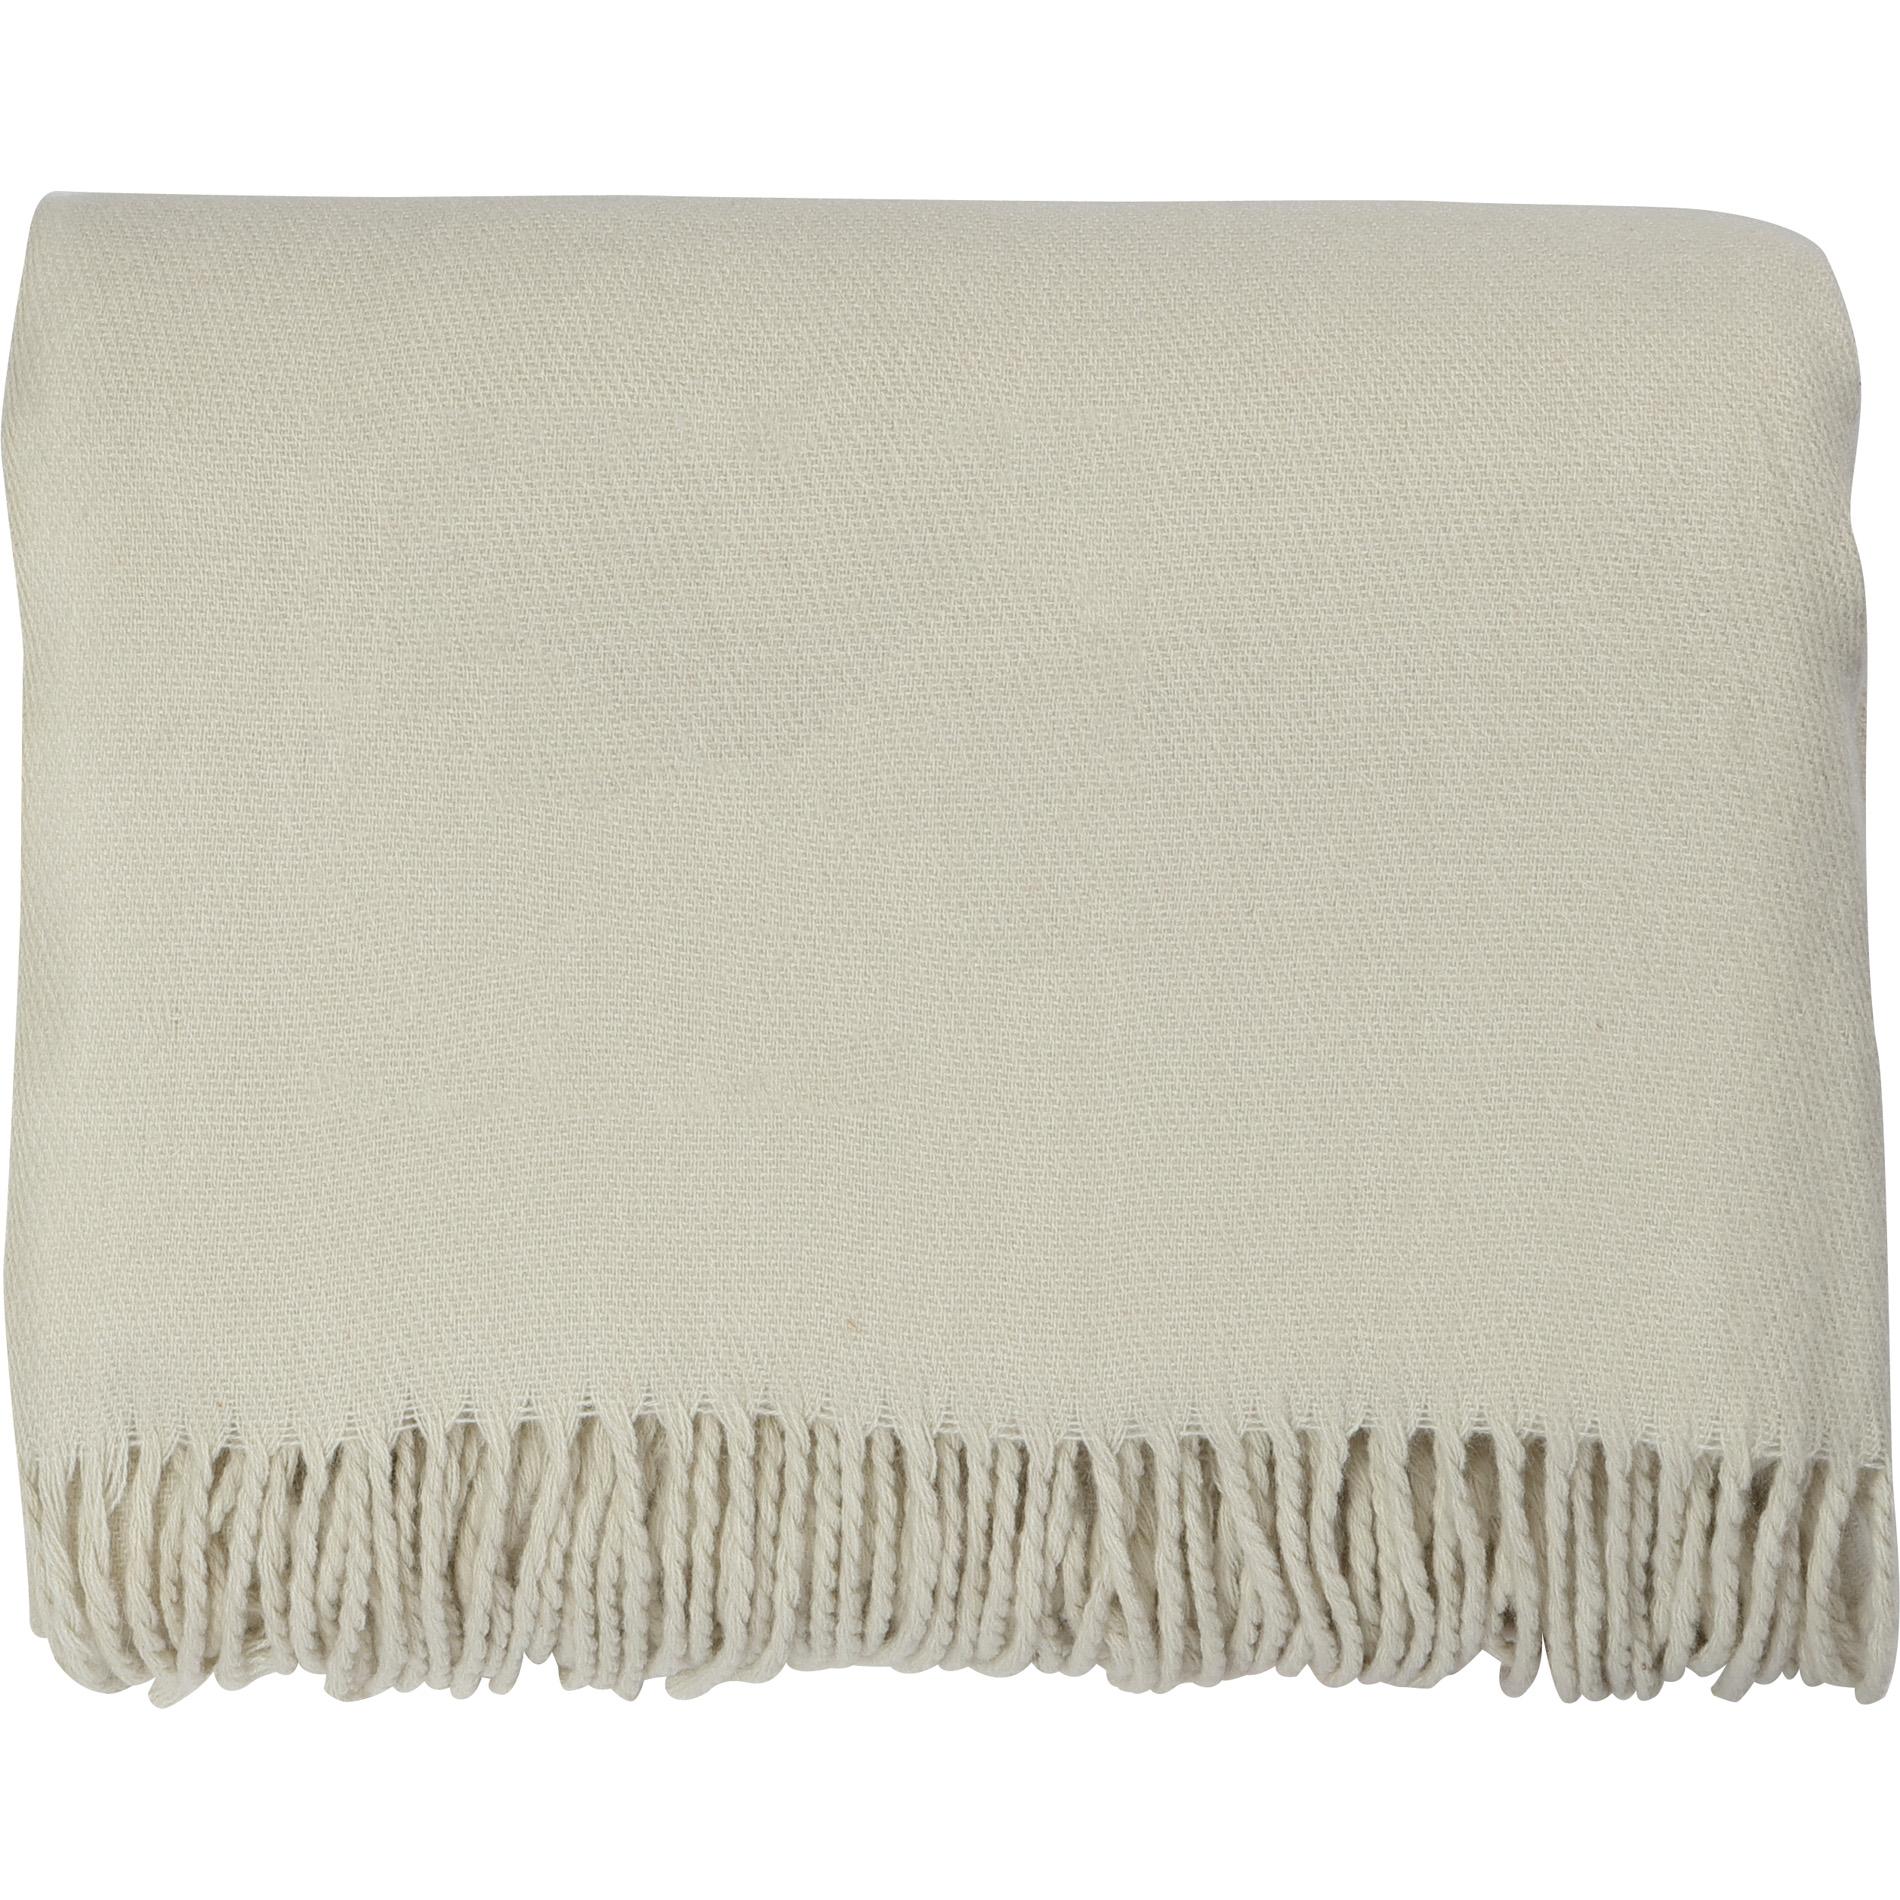 LEEDS 1081-09 - Acrylic Throw Blanket